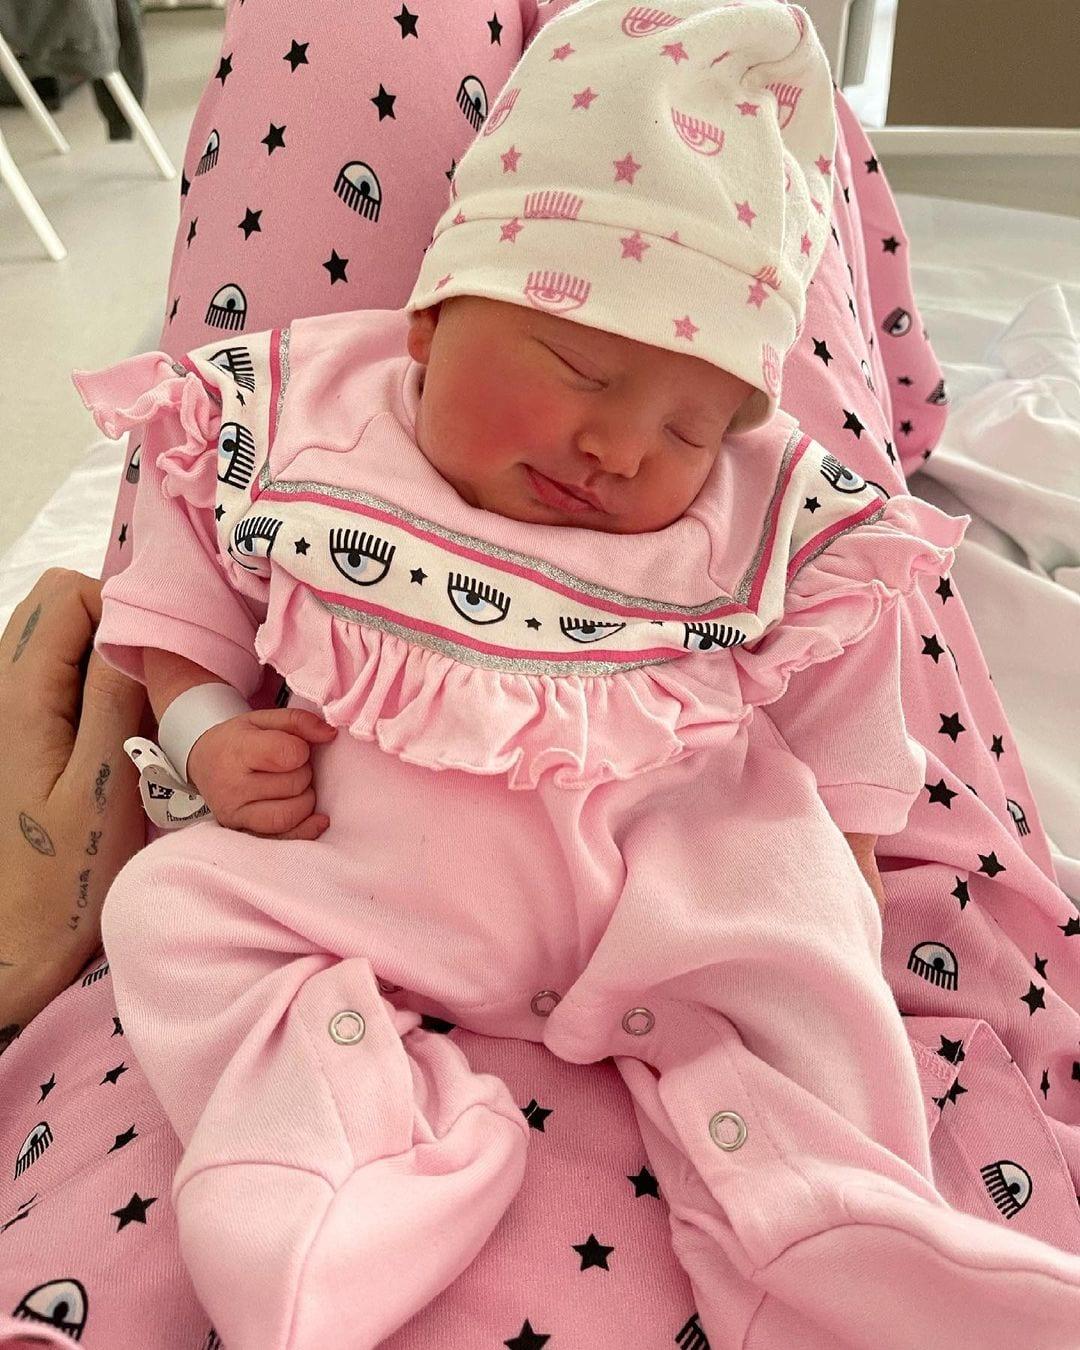 CHIARA FERRAGNI NEW BORN: ONLINE LA NUOVA COLLEZIONE BABY!